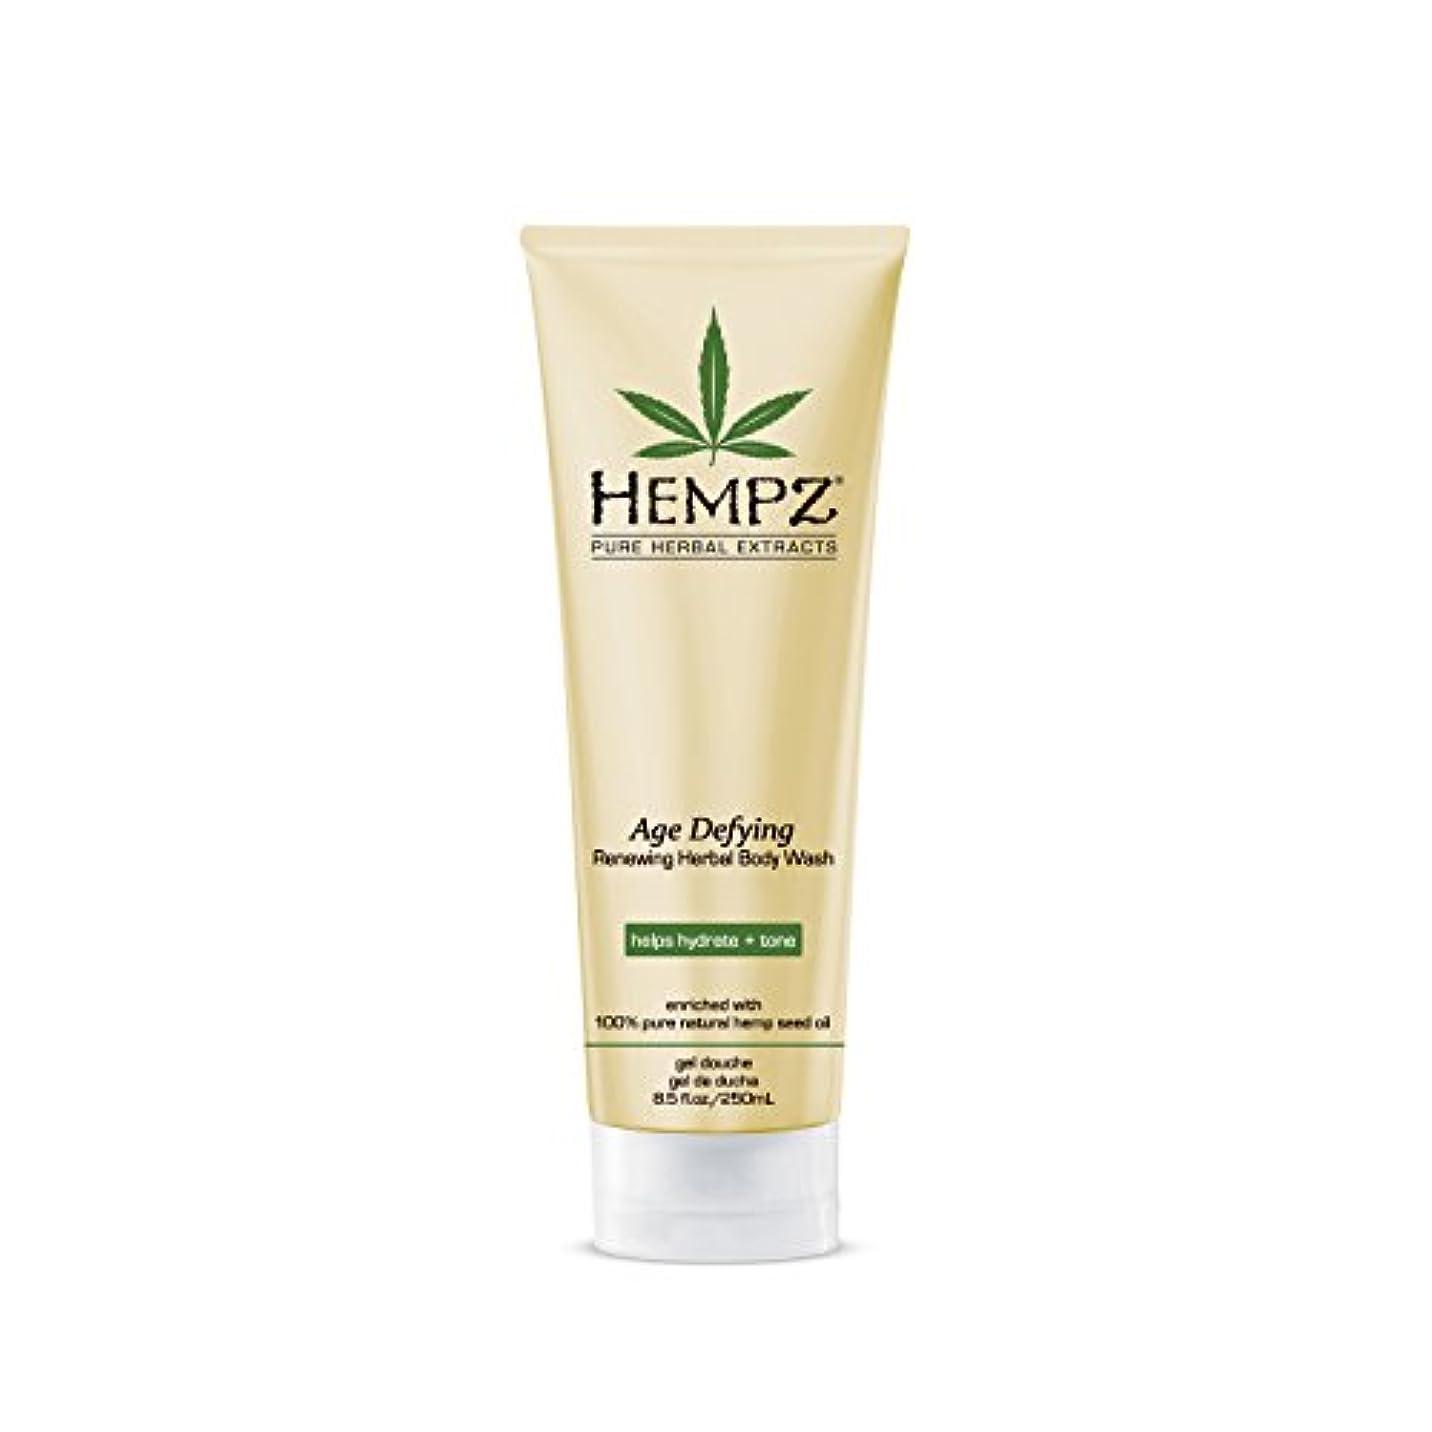 泥落ち着く正午Hempz Age Defying Herbal Body Wash, Off White, Vanilla/Musk, 8.5 Fluid Ounce